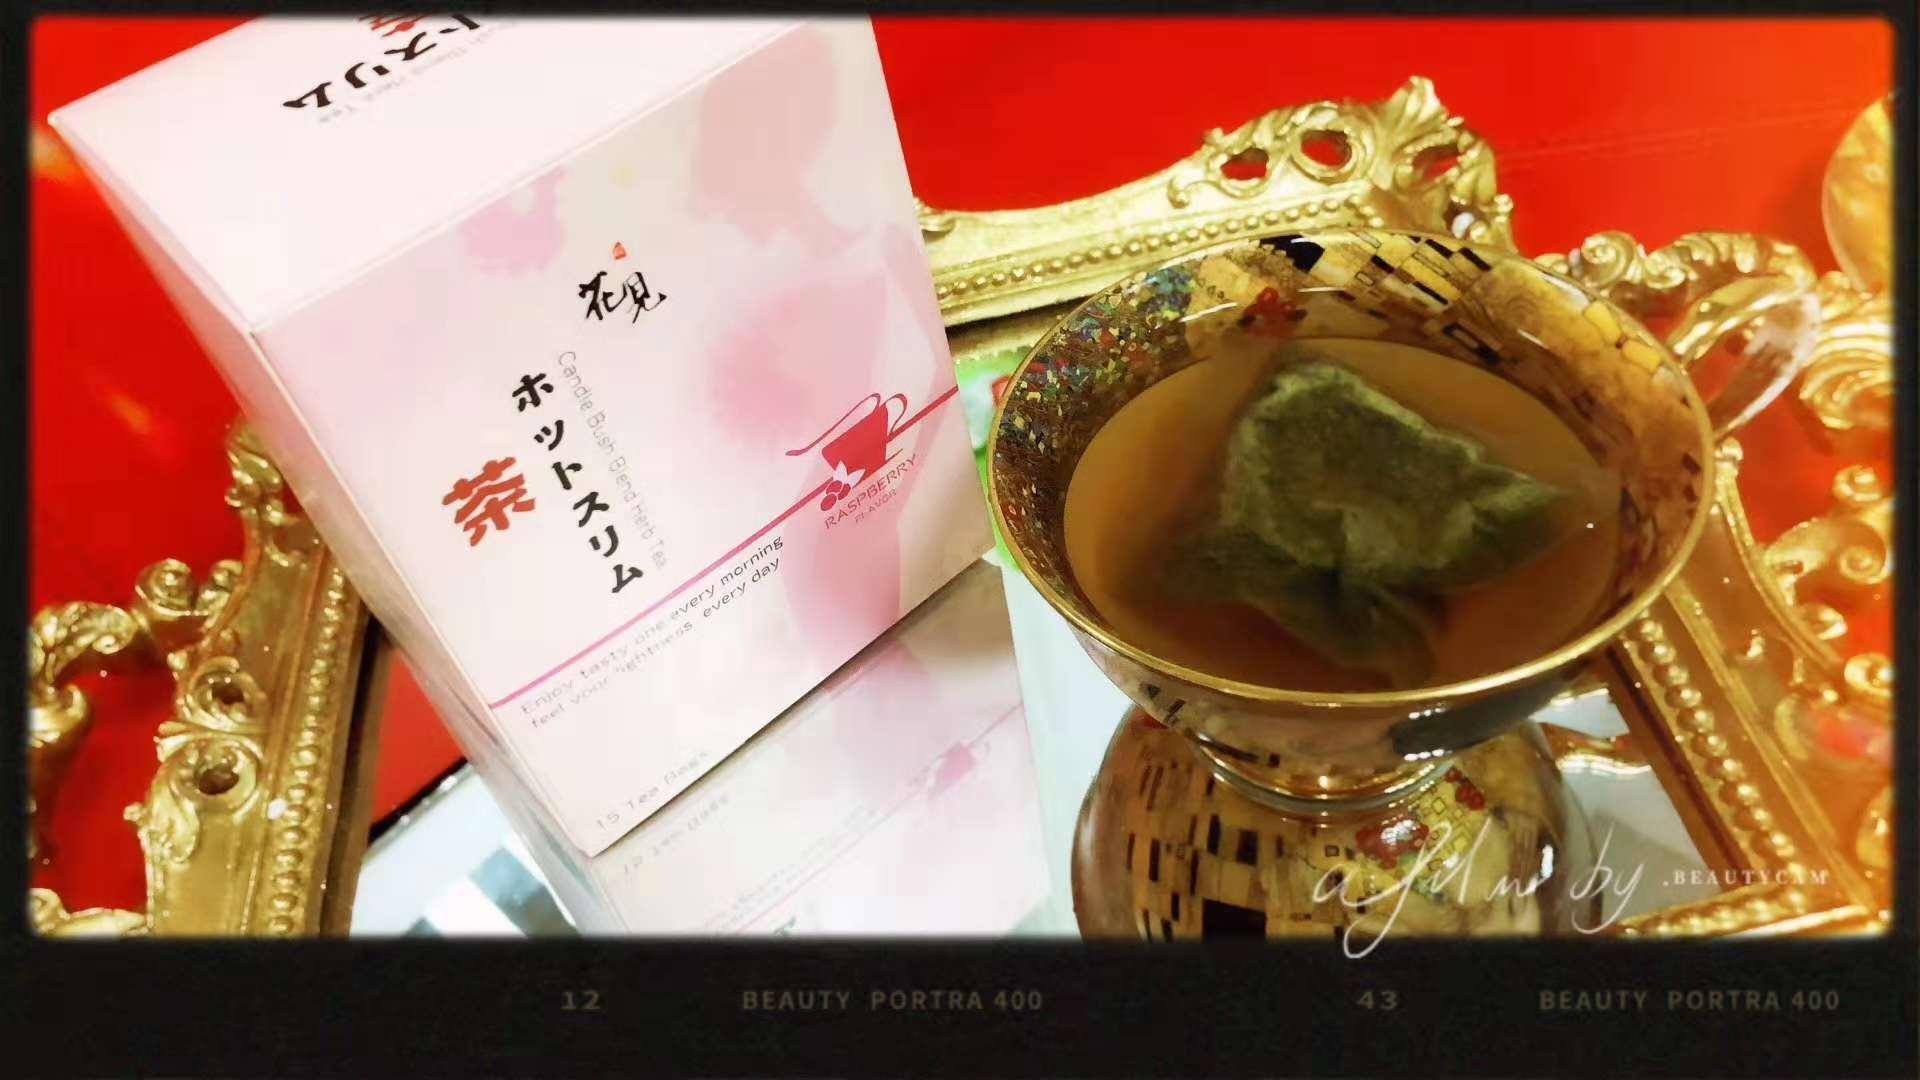 肠排 diet 日本要剂师推荐樱花见美人茶纤腰袋装茶含蜡烛花路易波士